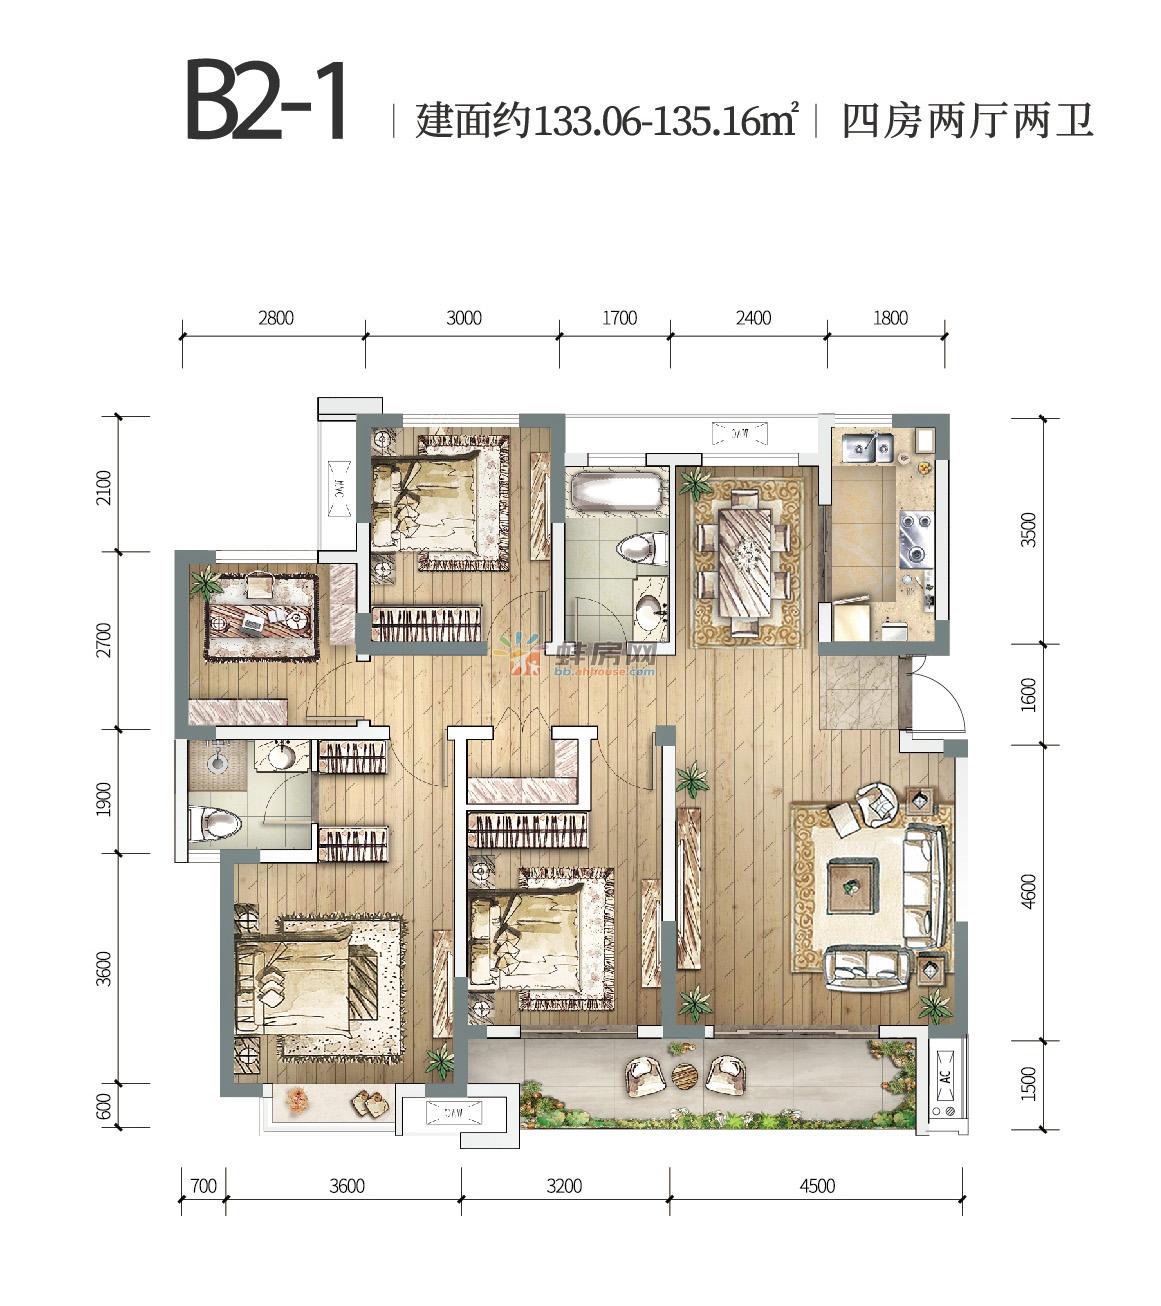 中国铁建燕南苑_4室2厅2卫1厨